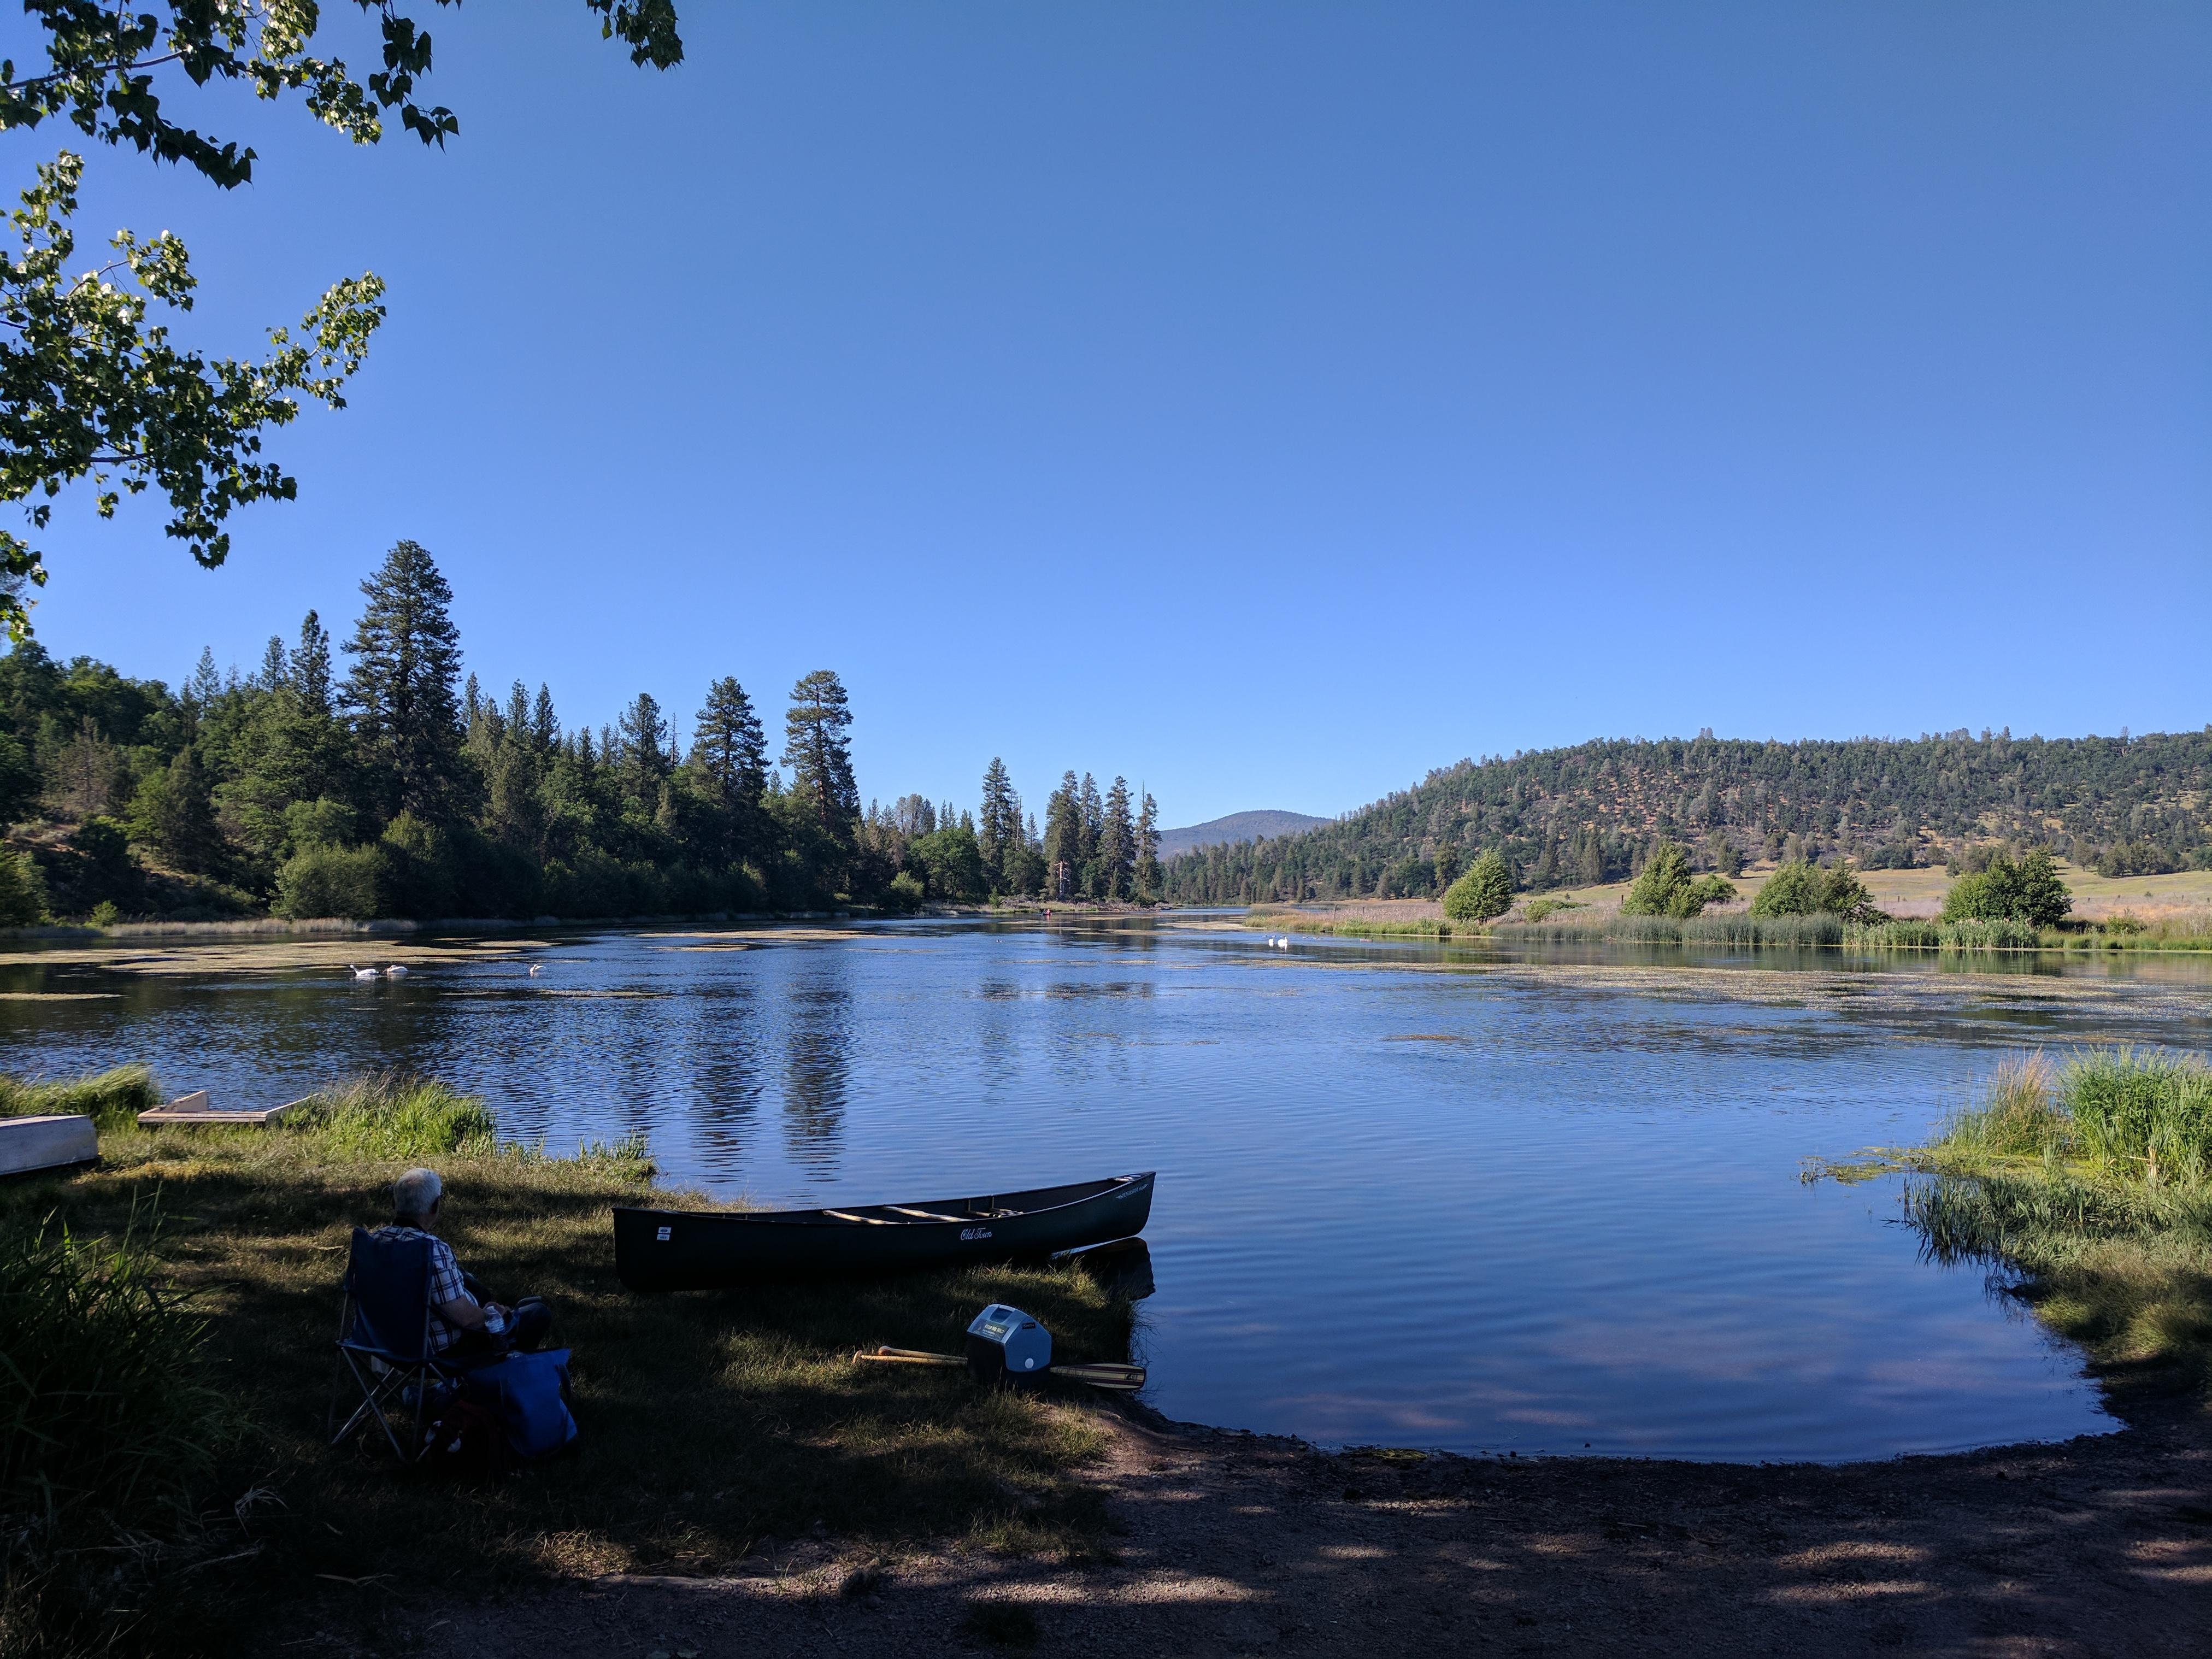 Baum Lake